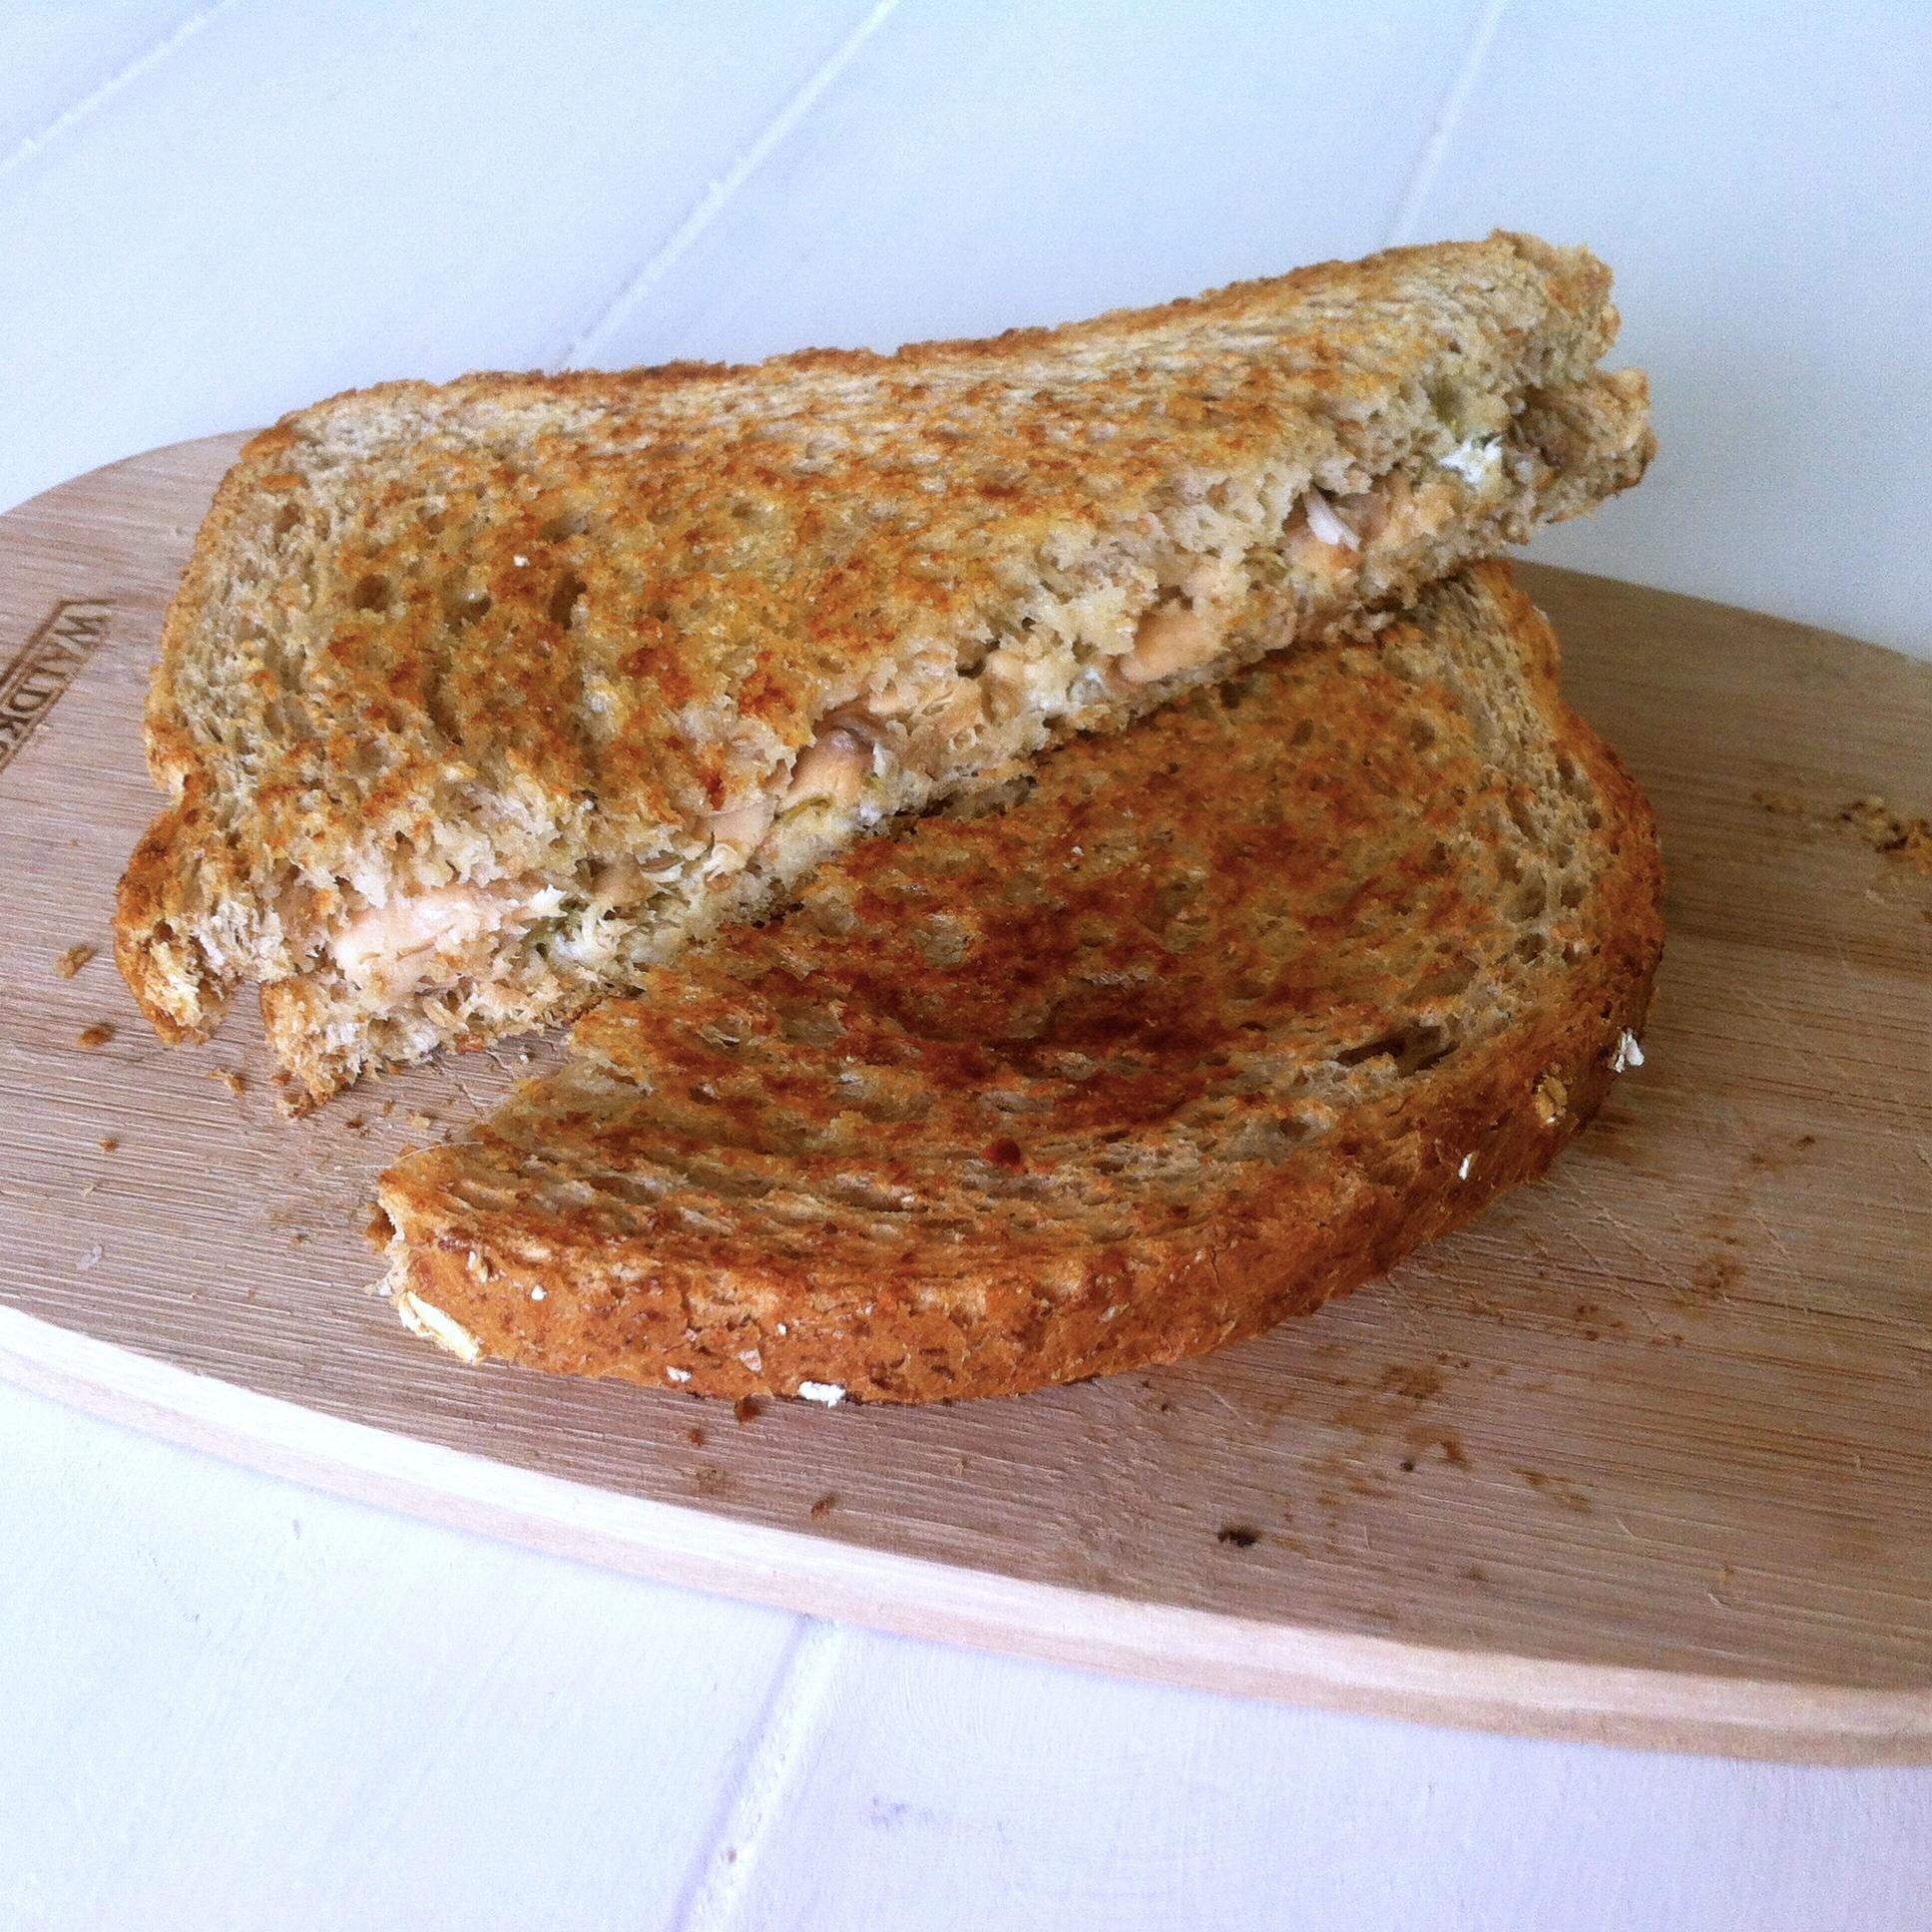 Eiwitrijke tosti met gezonde vetten